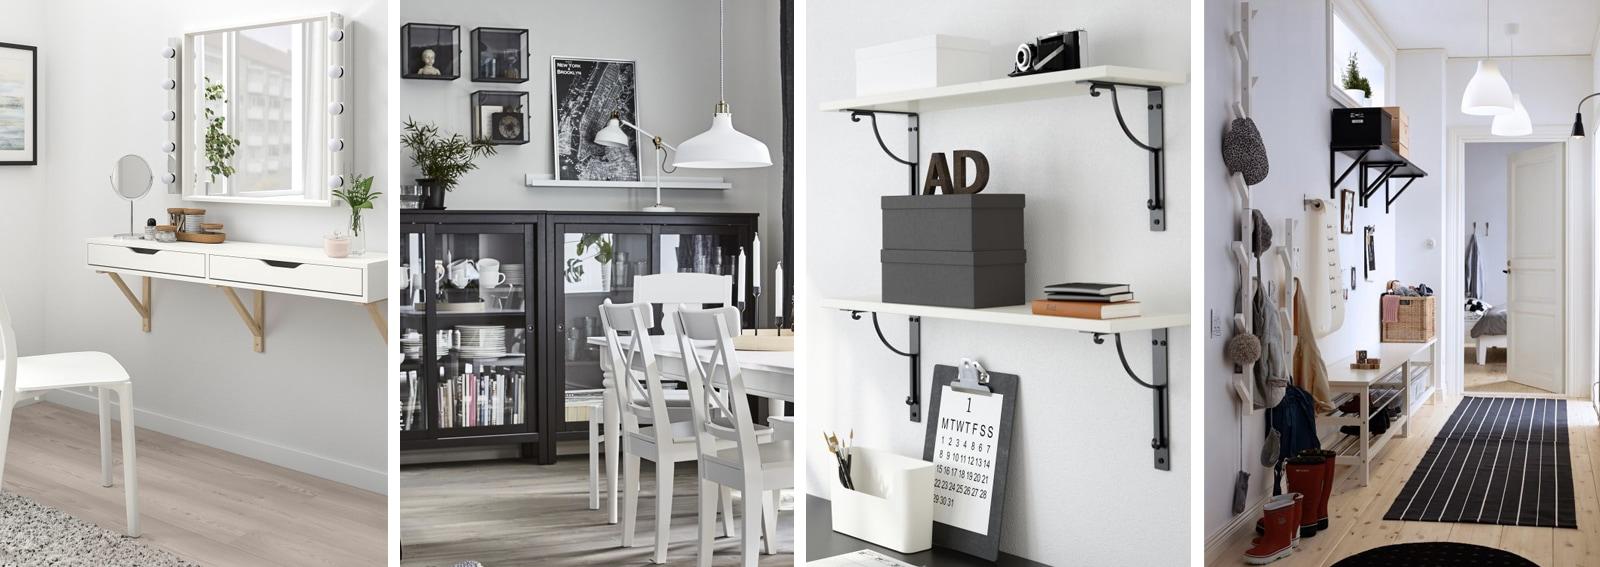 Mensole Ikea 8 Modelli Ideali Per Decorare La Casa Da Comprare Subito